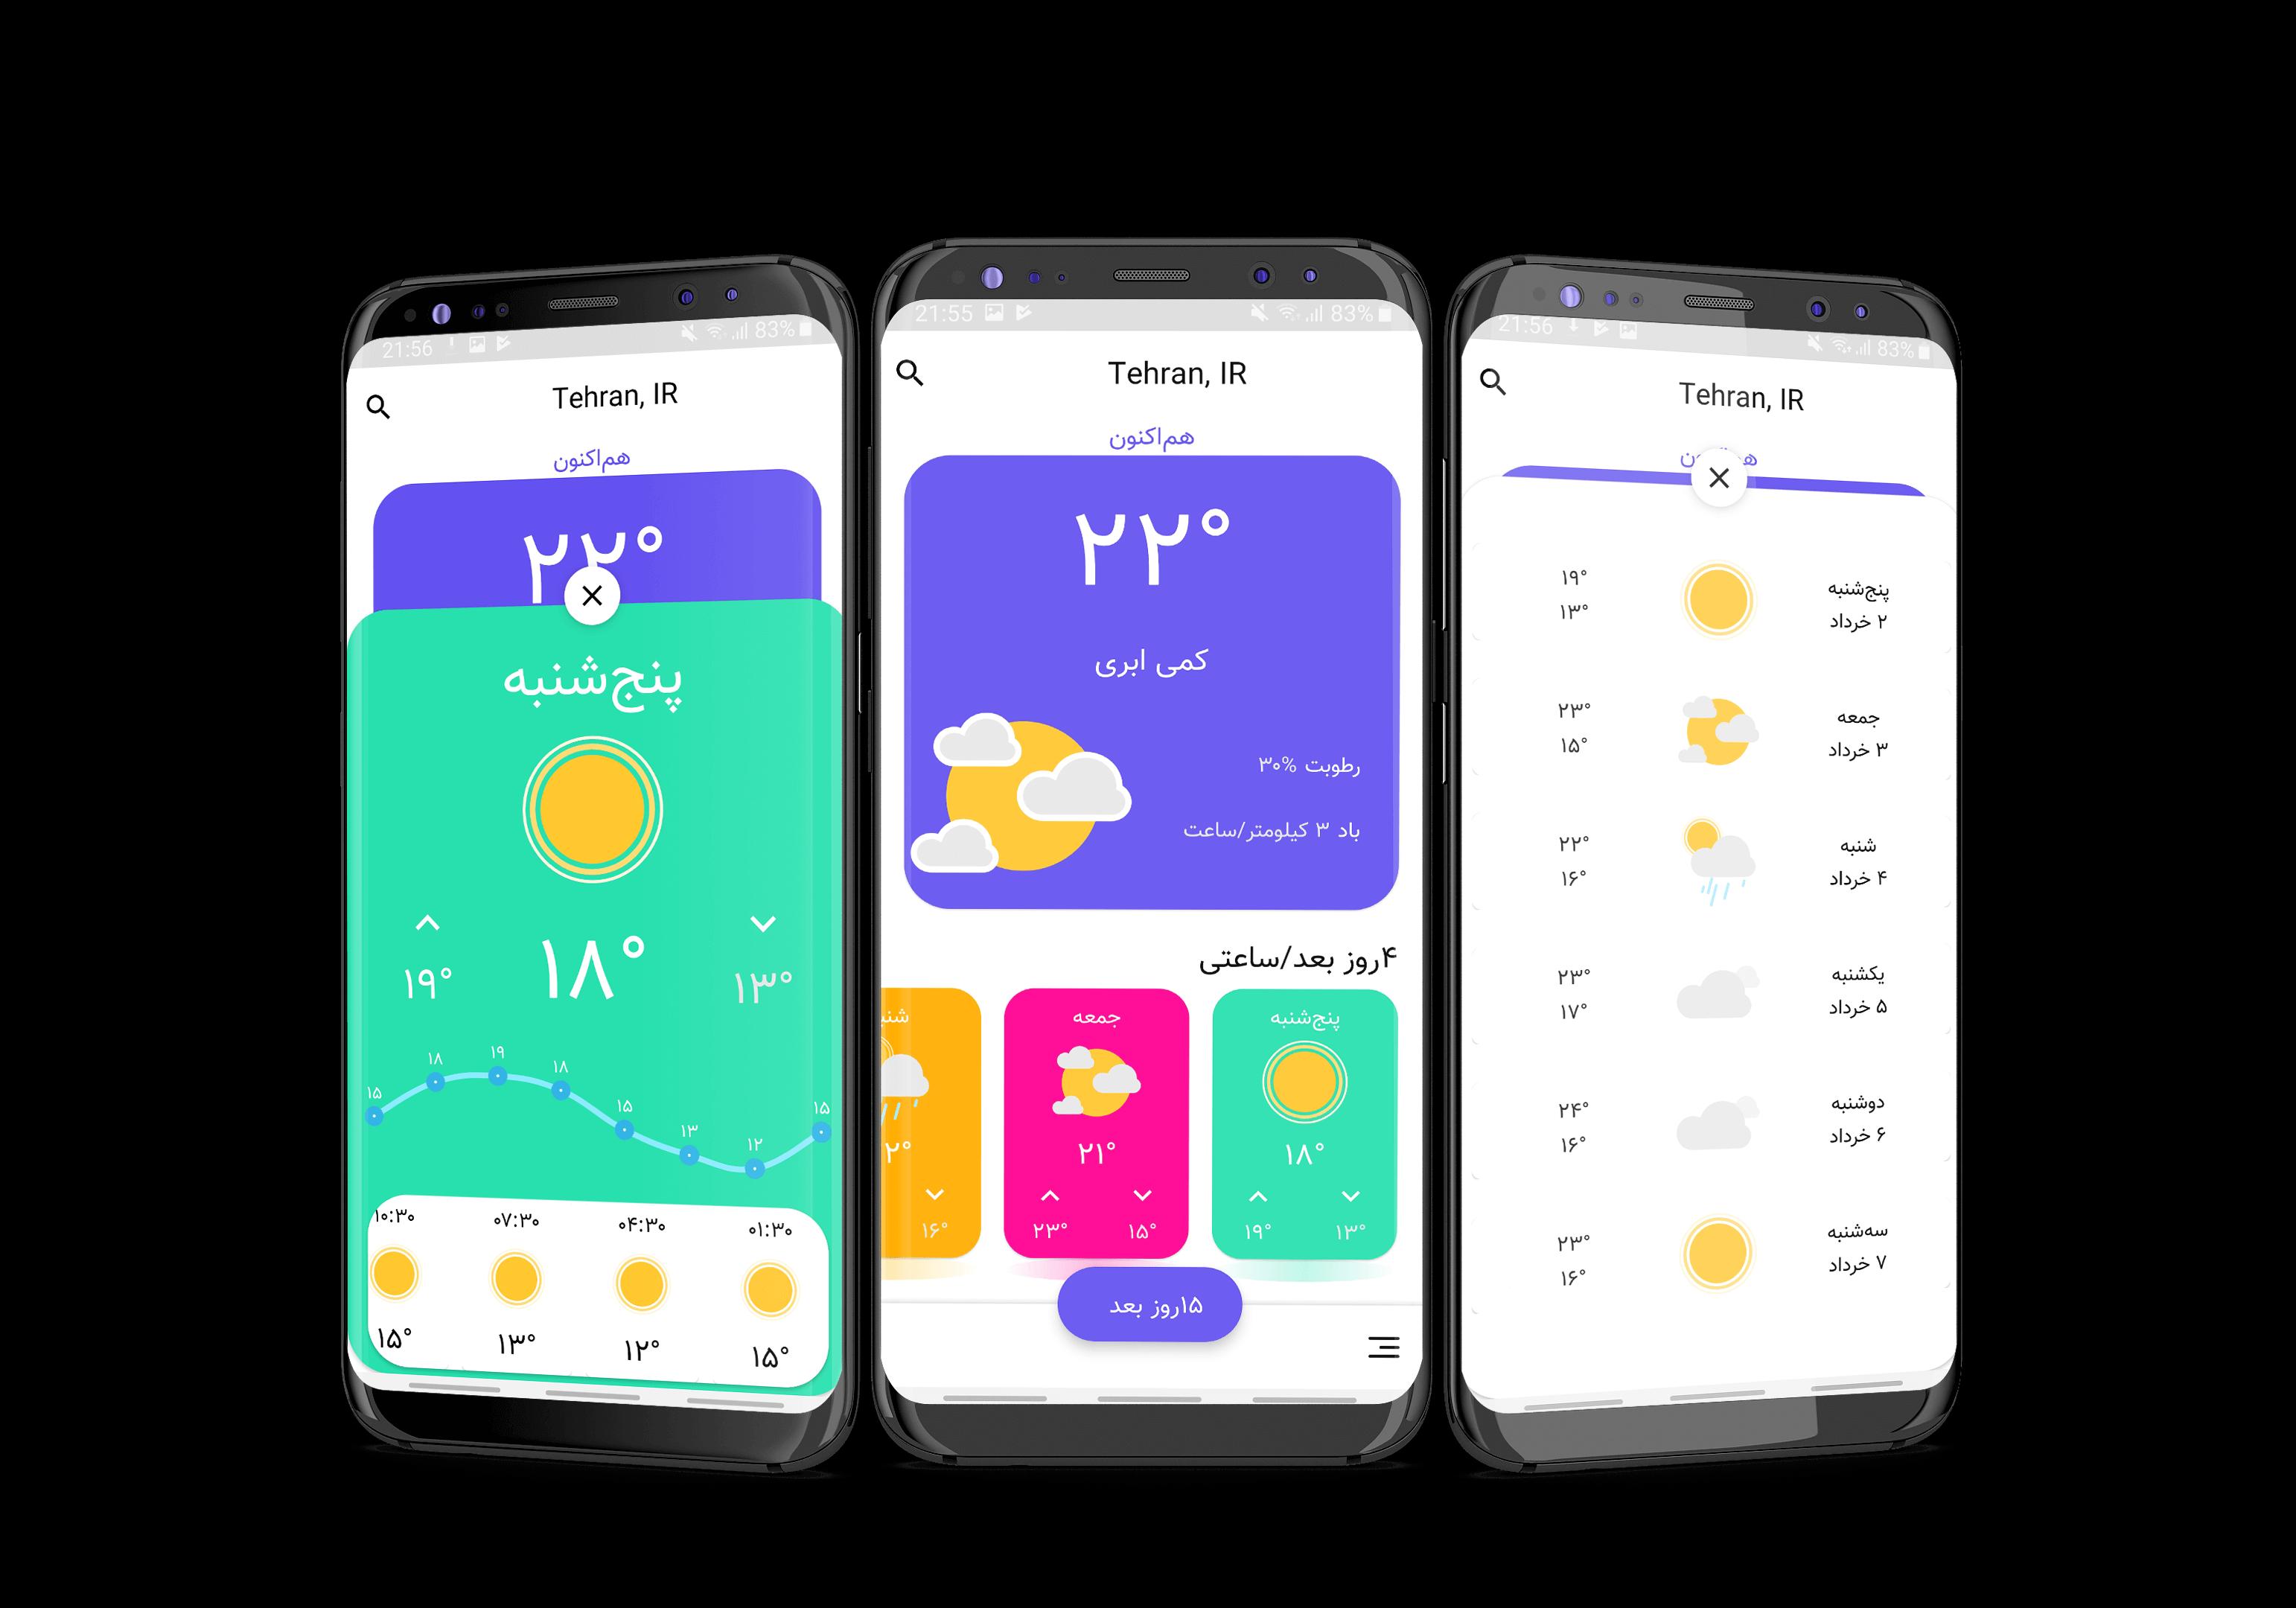 برنامه هواشناسی - داستان ایجاد یک اپلیکیشن اندروید